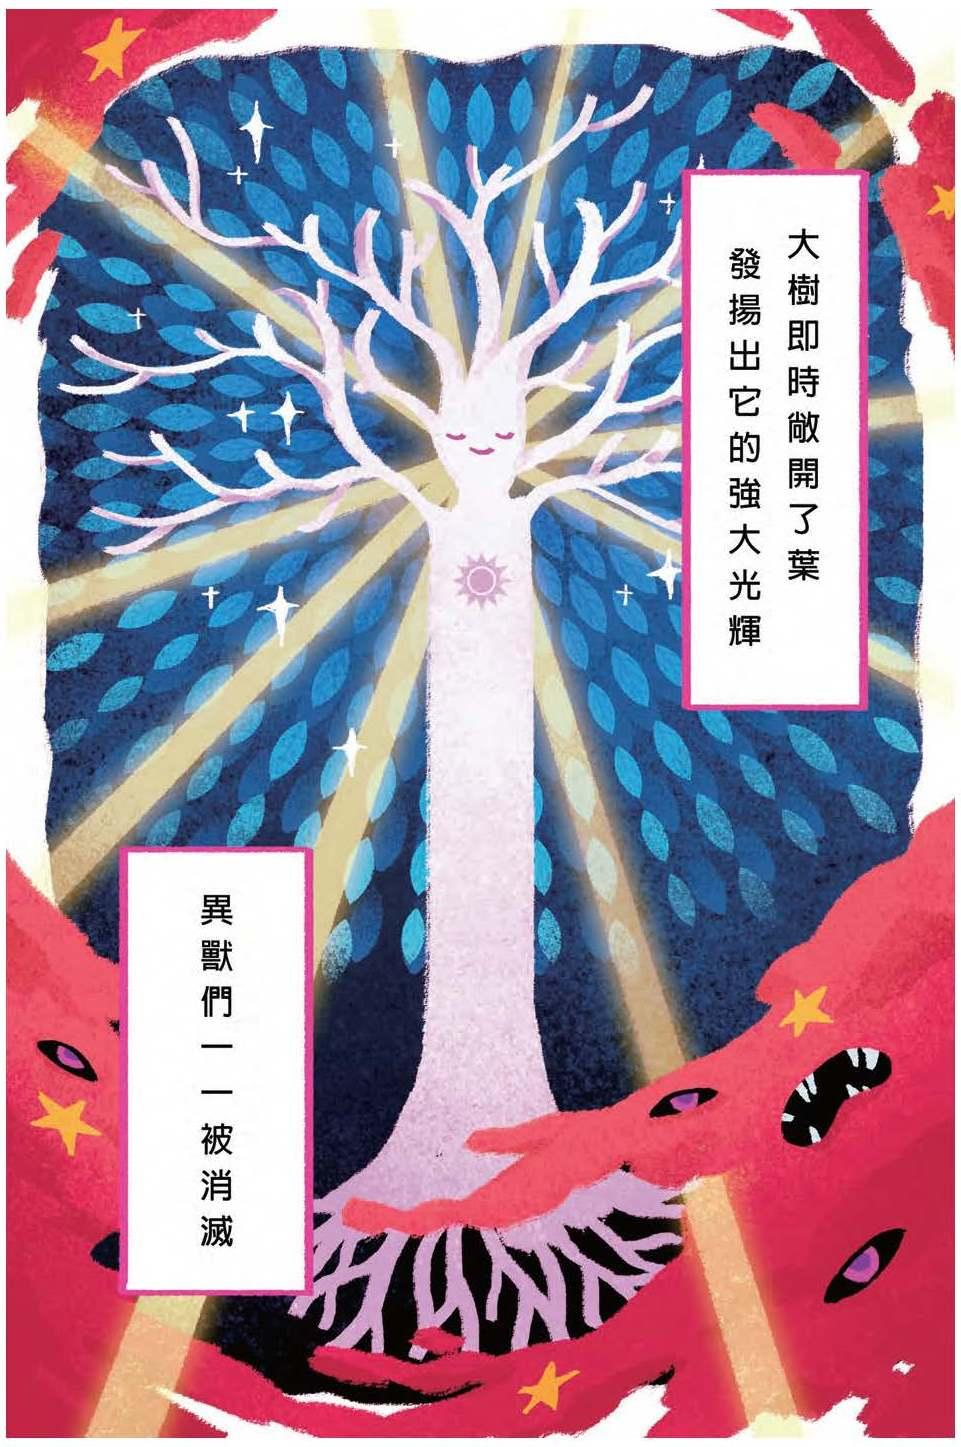 51屆漫畫項國軍組優選_載之樹05.jpg